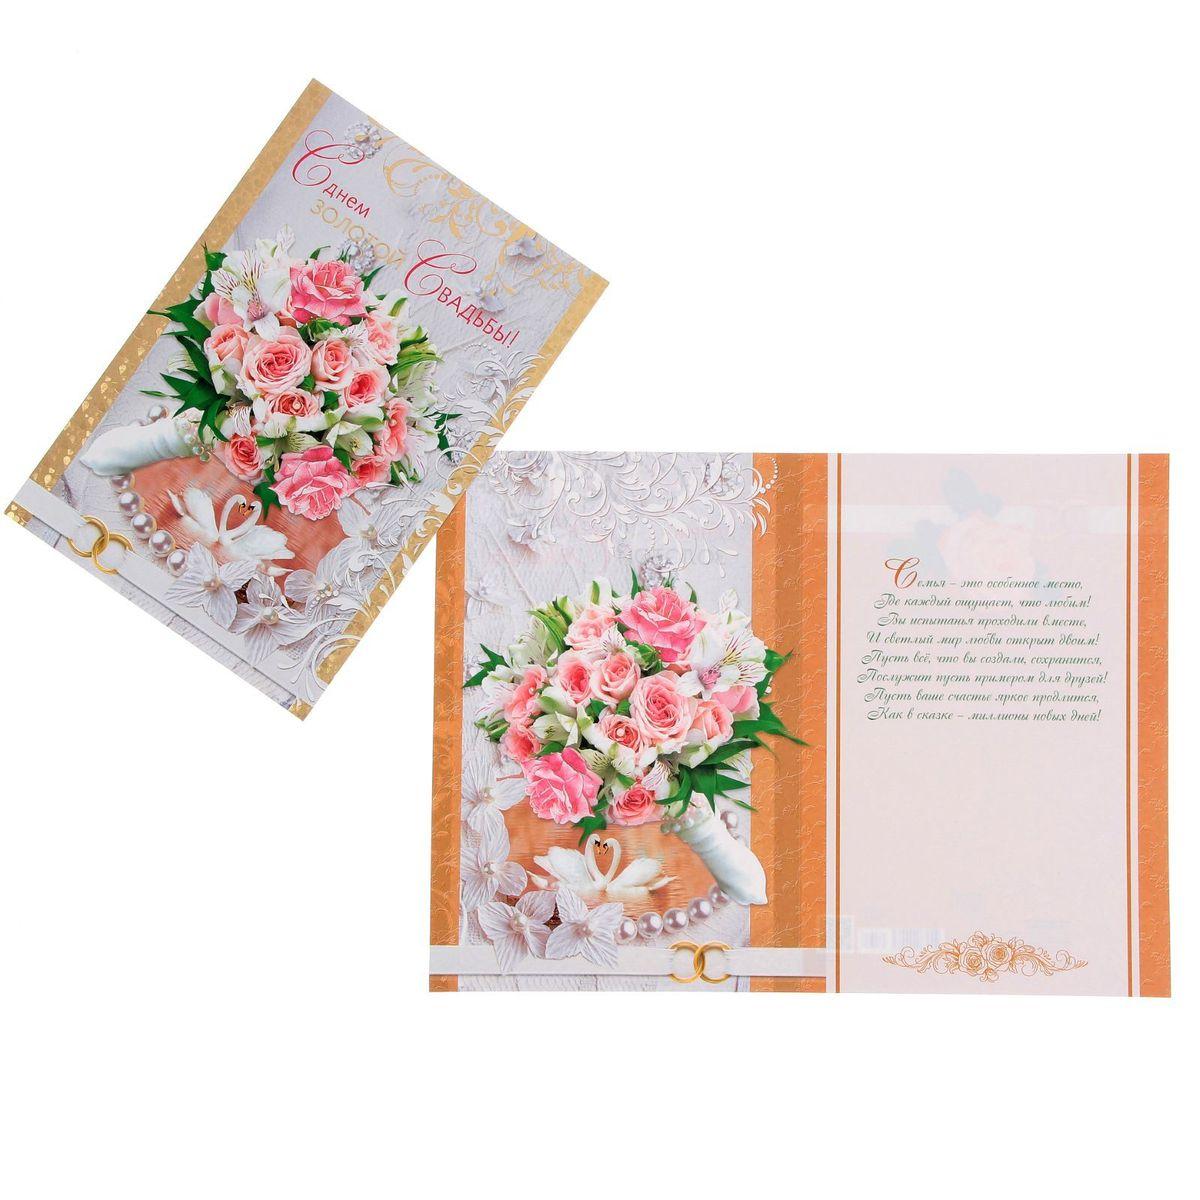 Русский дизайн открытки каталог, днем